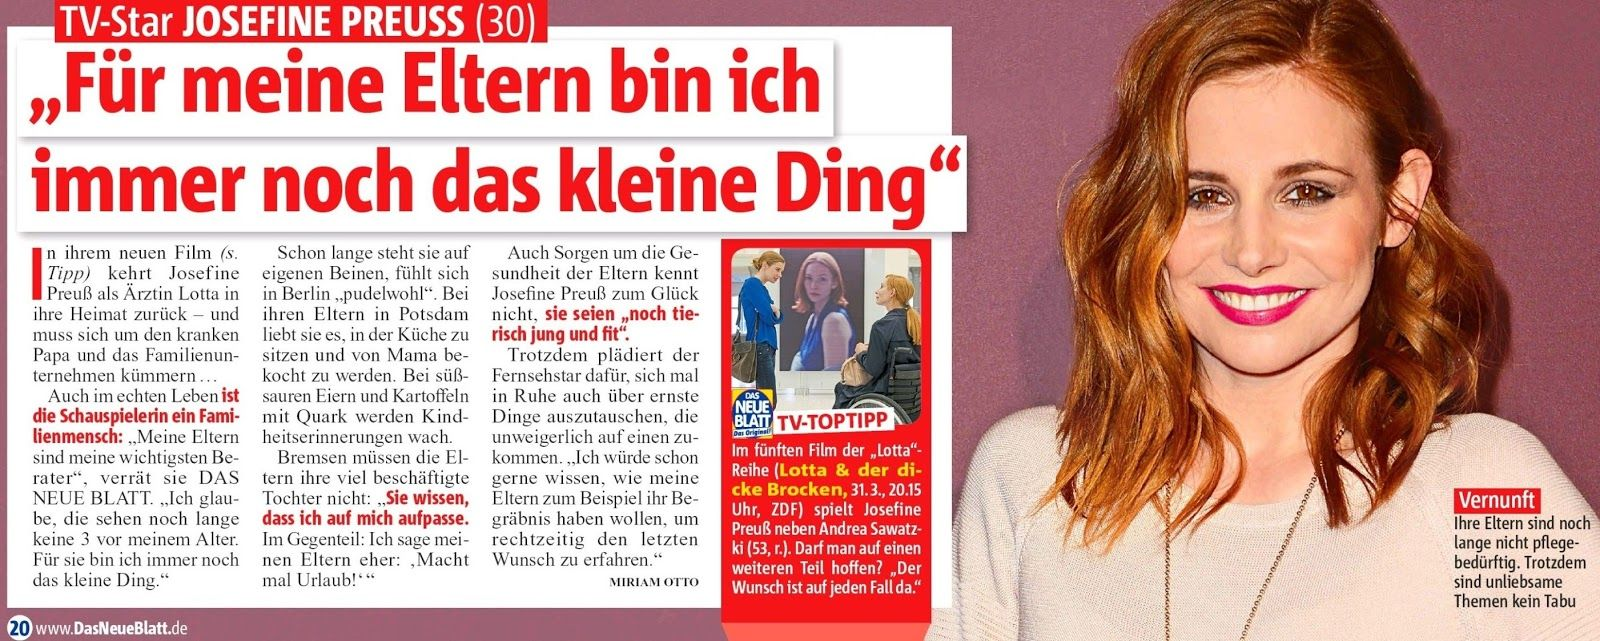 Josefine Preuß - NEWS